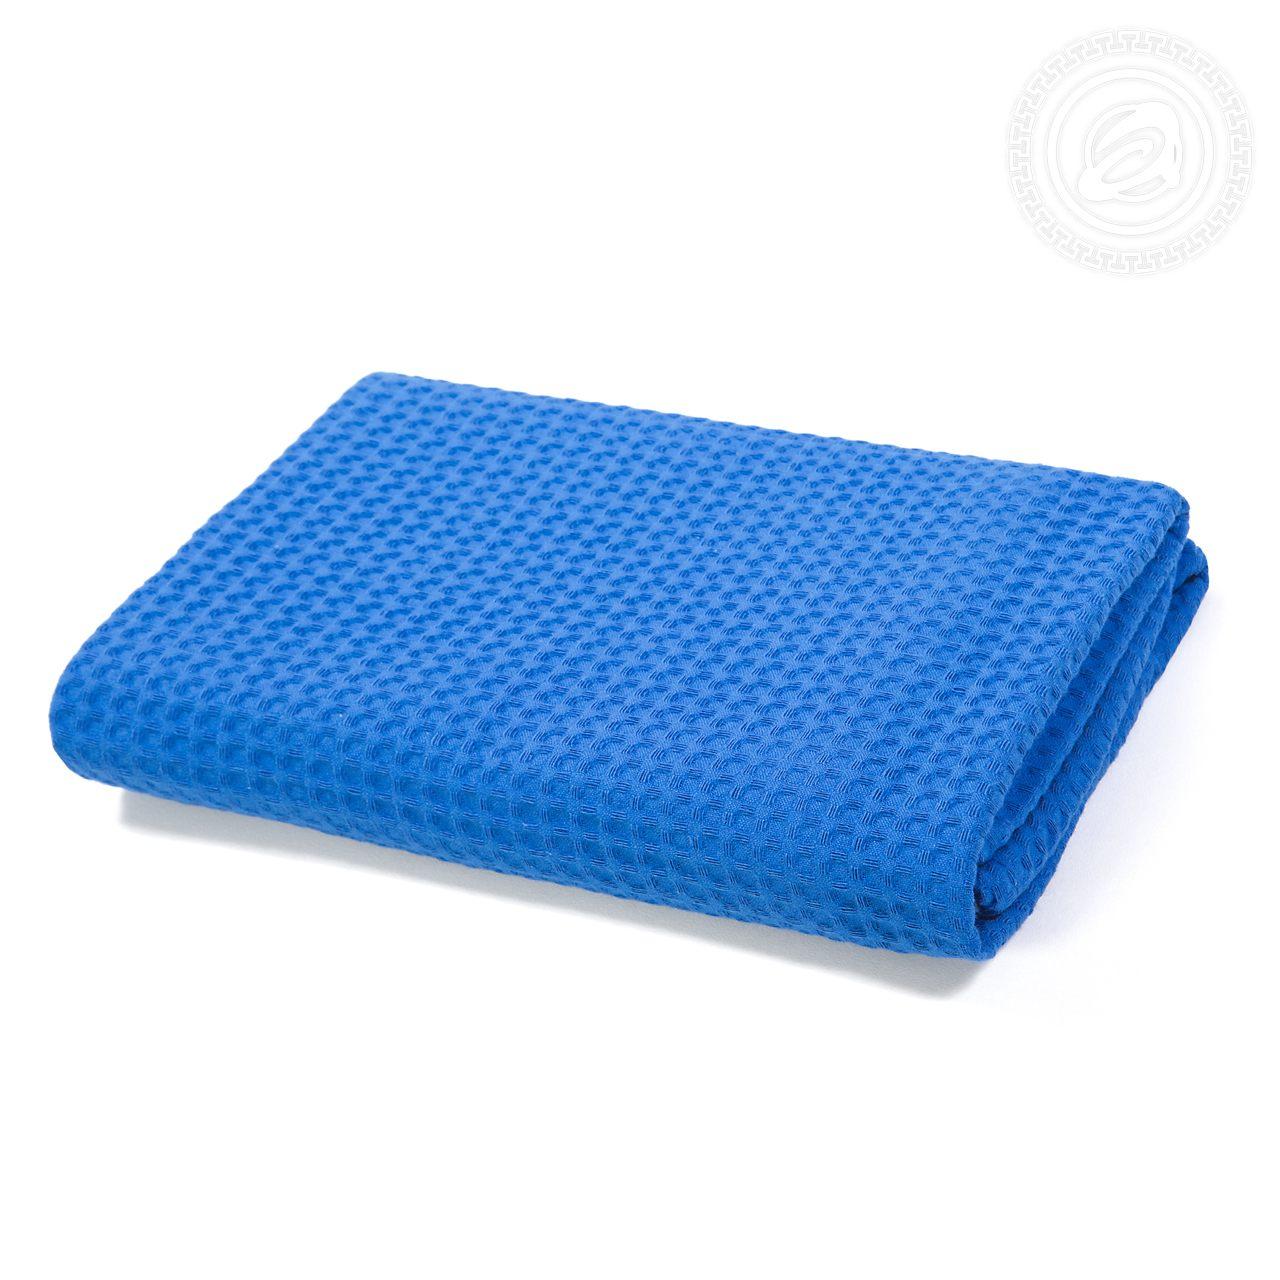 Банное полотенце АРТ ДИЗАЙН синий 70x140